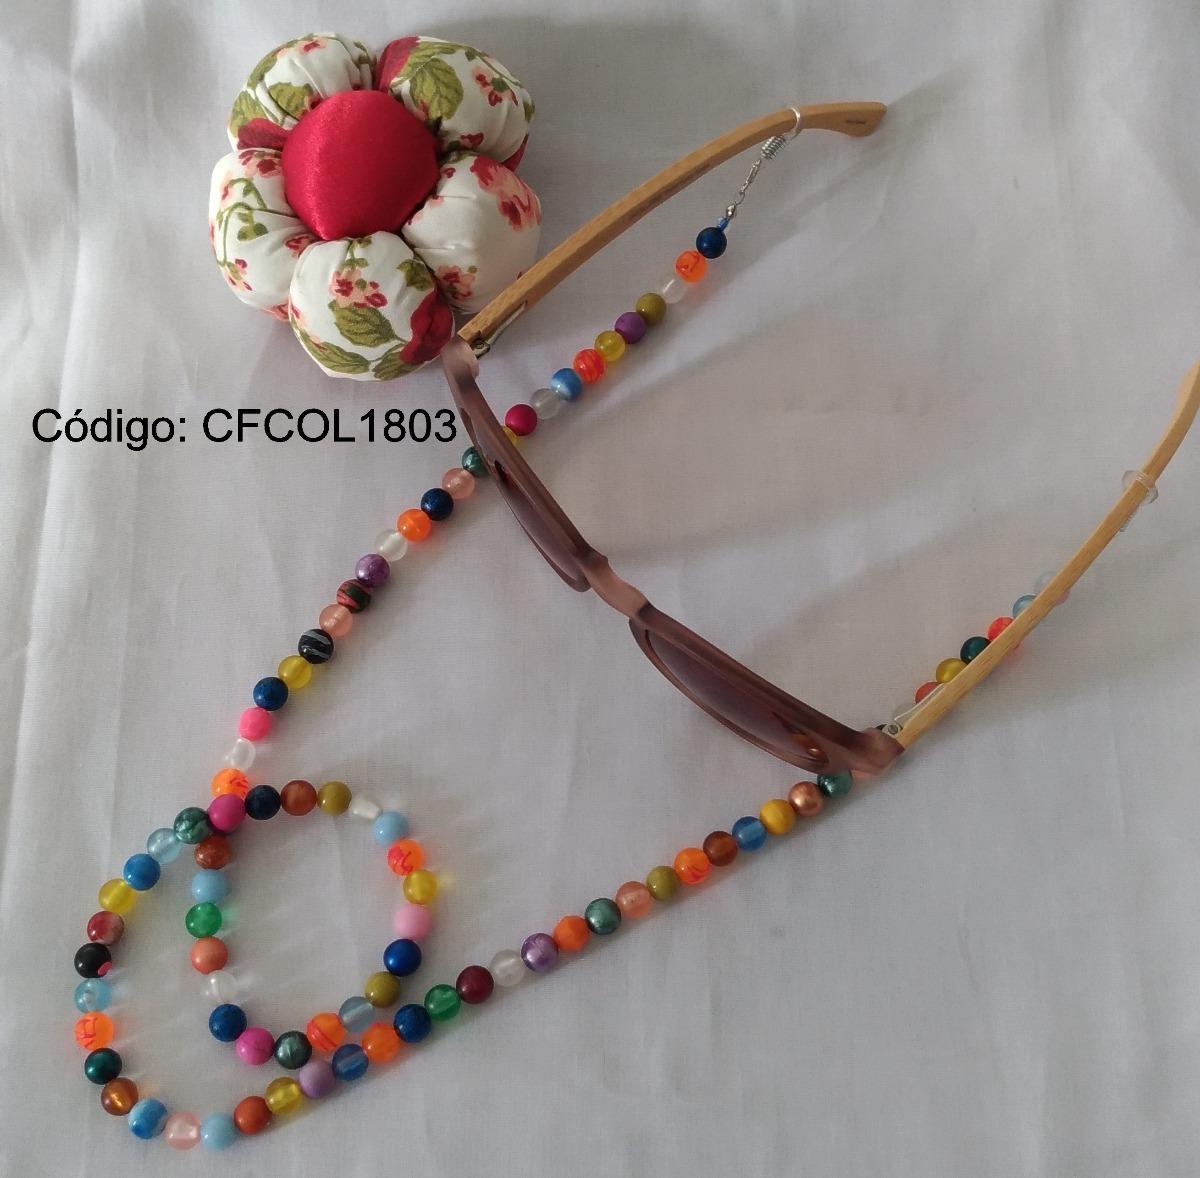 Corrente Cordao Para Segurar Oculos - R  9,90 em Mercado Livre f936891b72